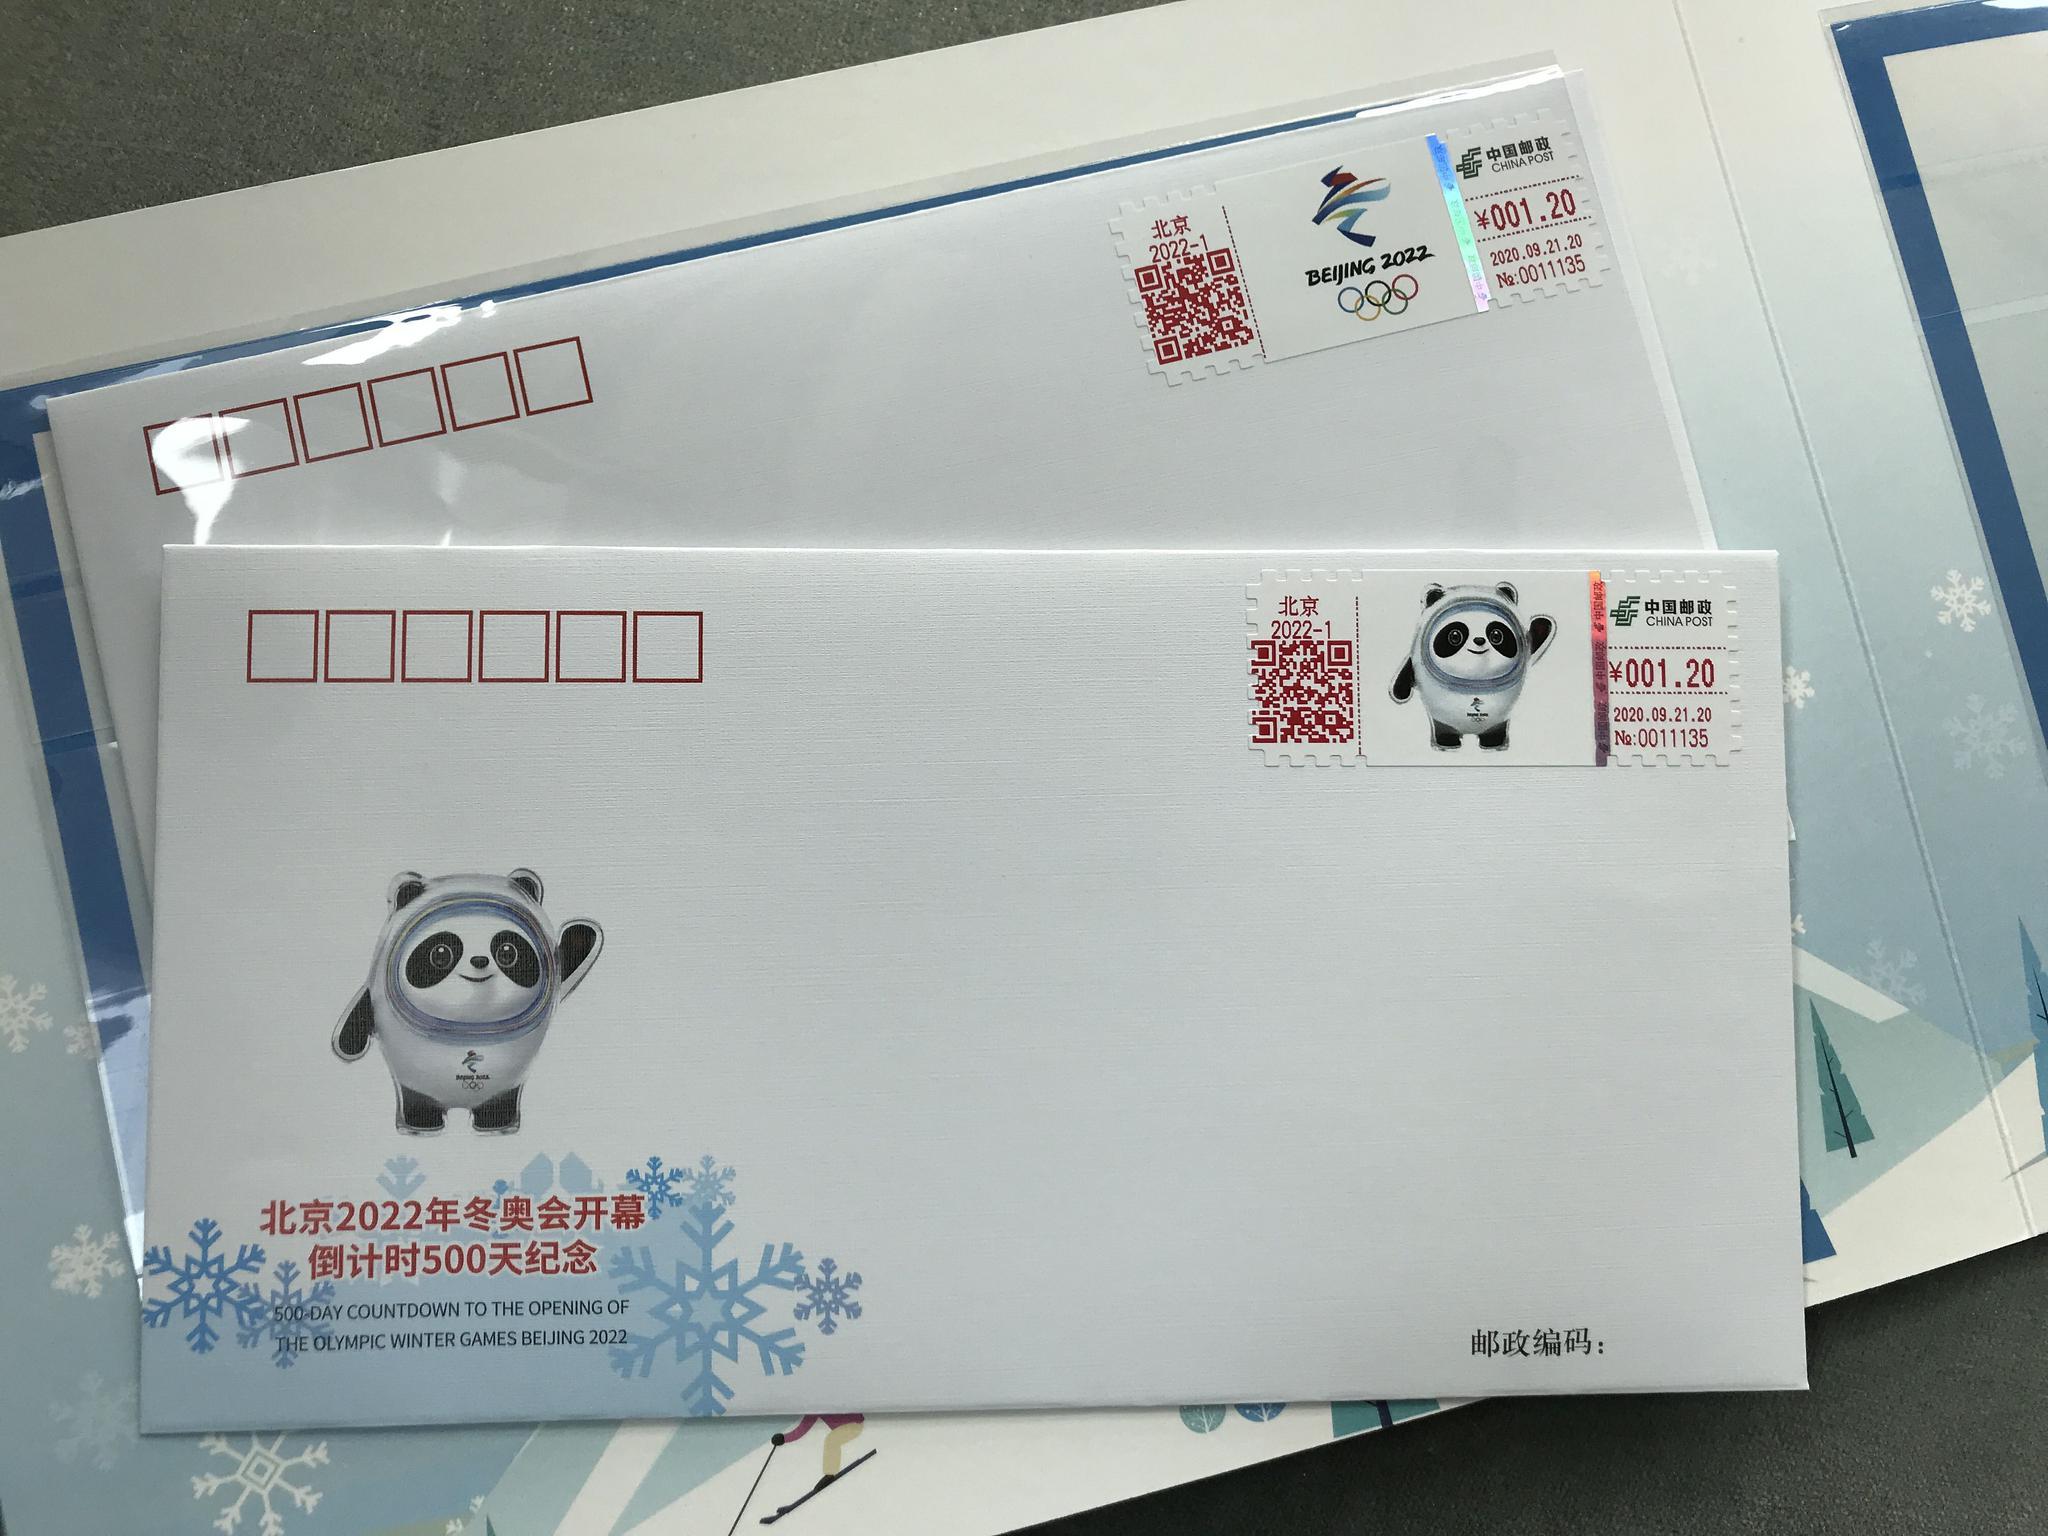 """北京冬奥会倒计时500天,""""彩色邮资机宣传戳""""亮相图片"""